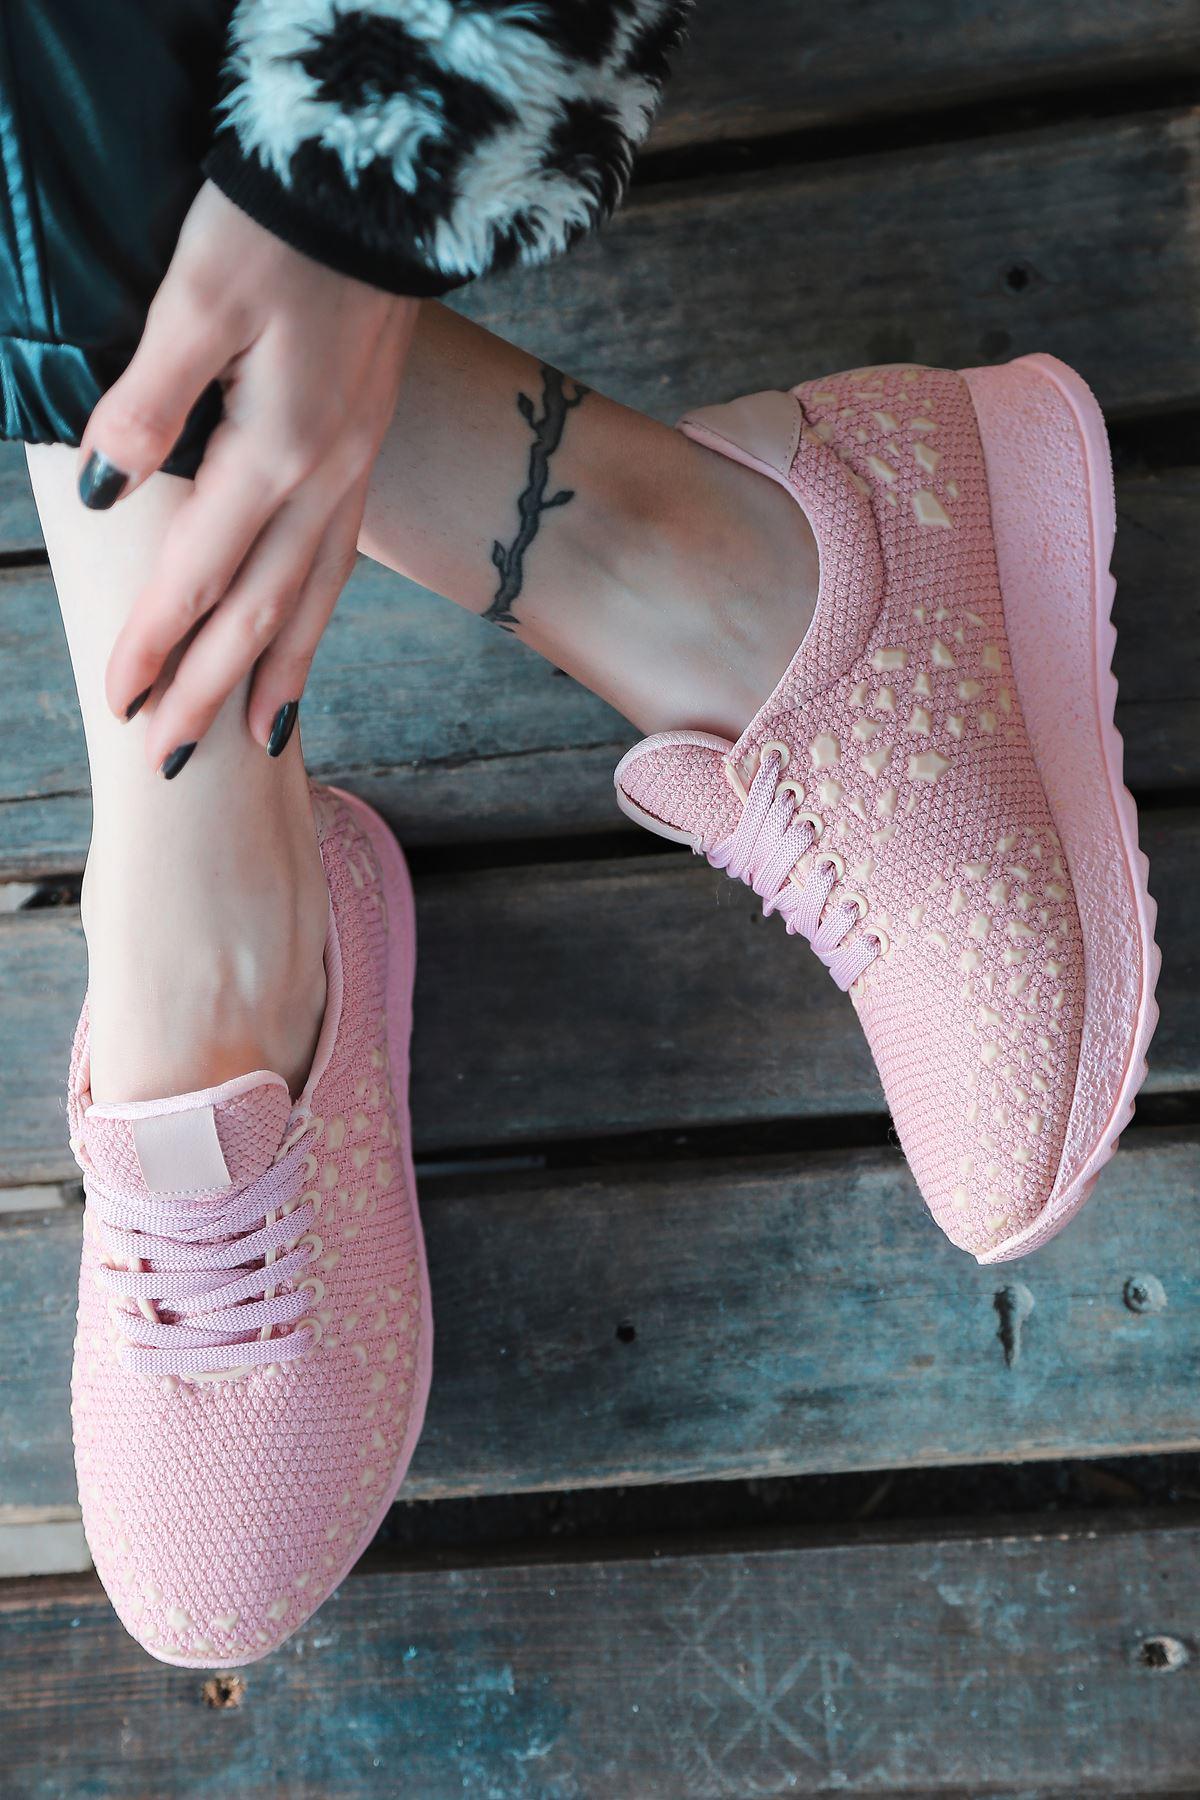 Star Çelik Örgü Triko Kadın Spor Ayakkabı Pudra